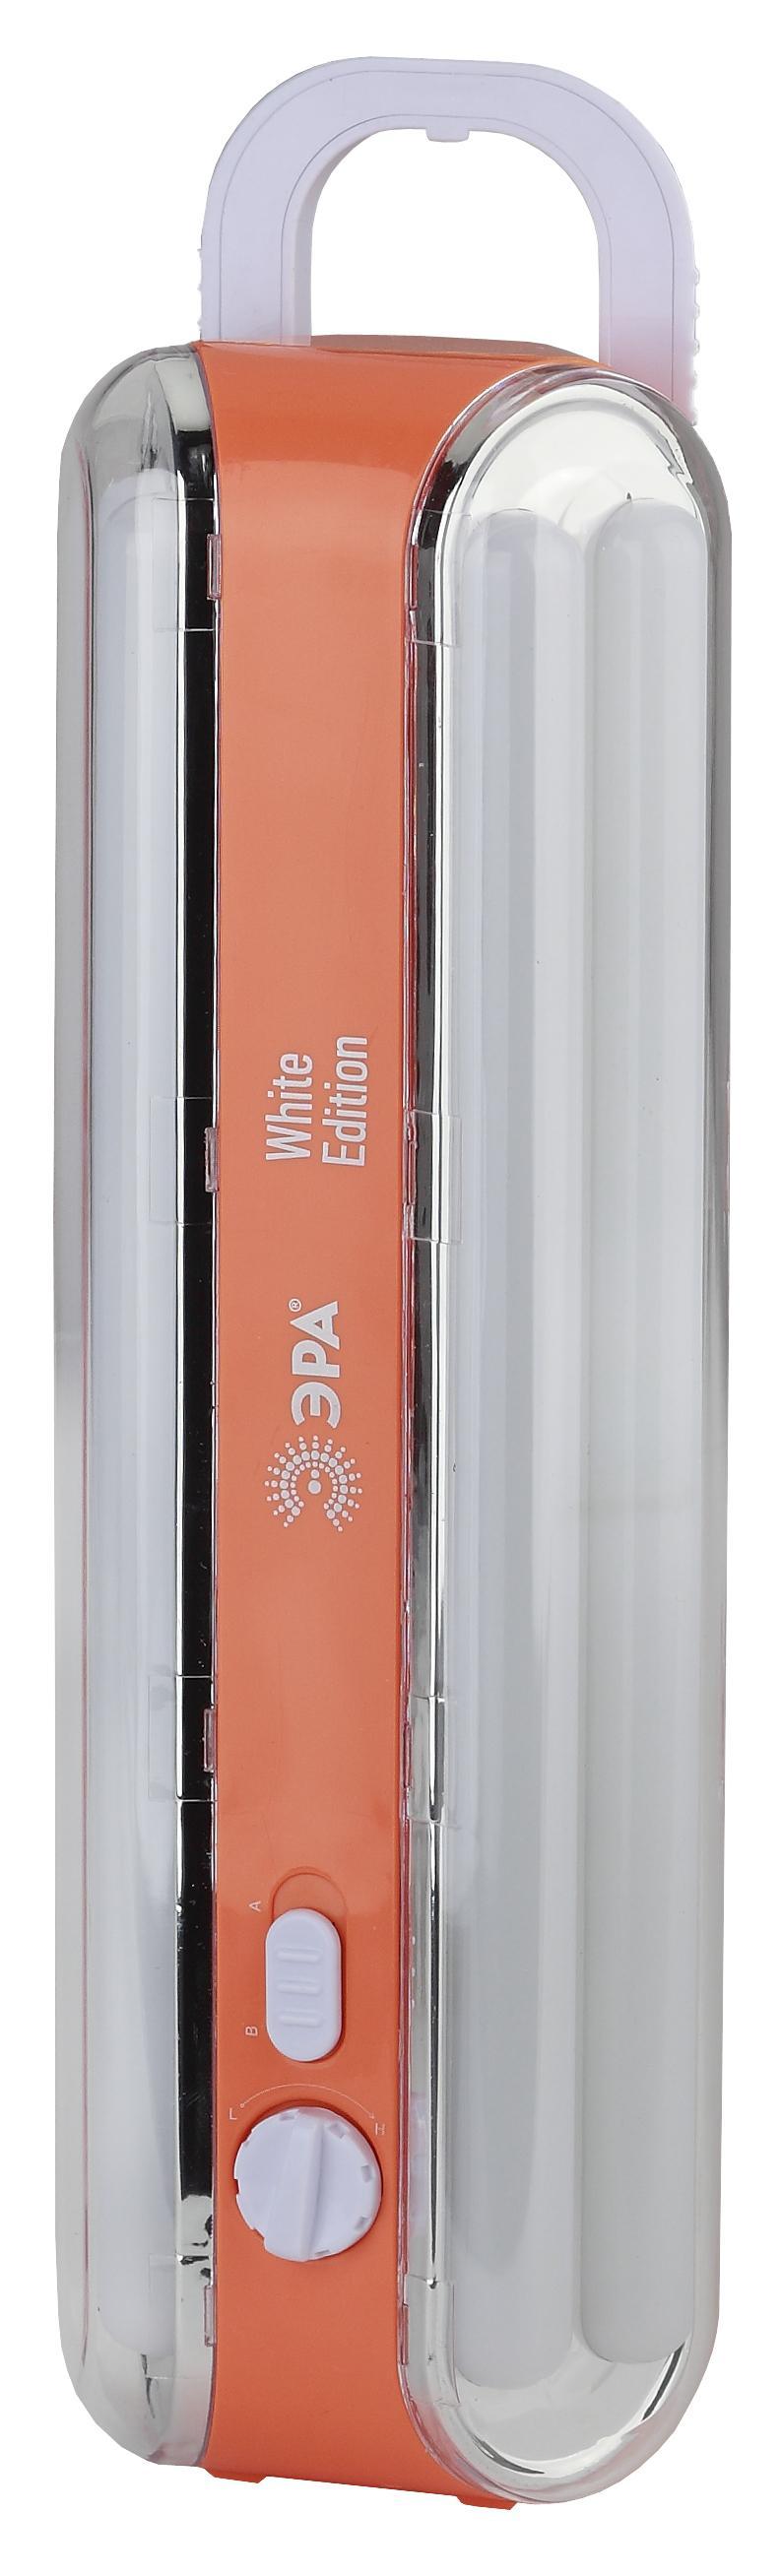 Фонарь ЭРА El96s фонарь ручной эра компакт с изменяемым фокусом на прищепке